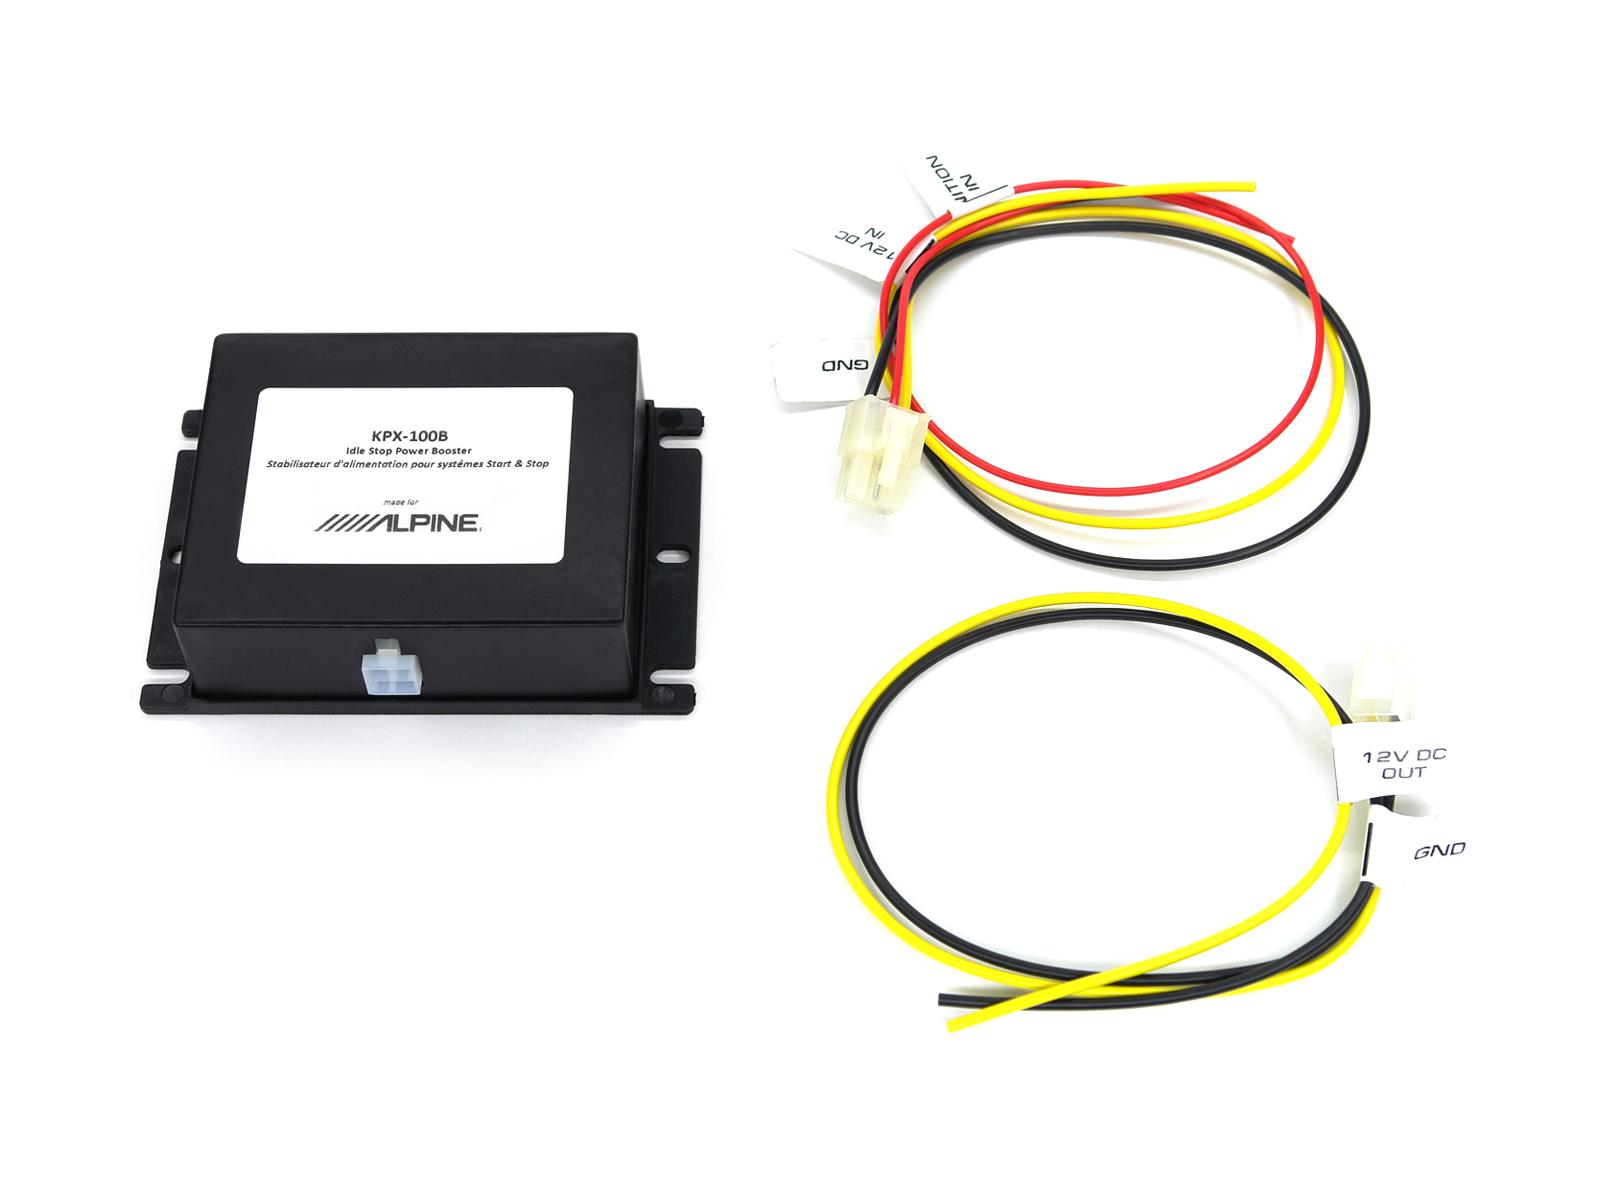 Alpine KPX-100B Start-Stopp-Power Booster Spannungsstabilisator für Fahrzeuge mit Start-Stopp Funktion